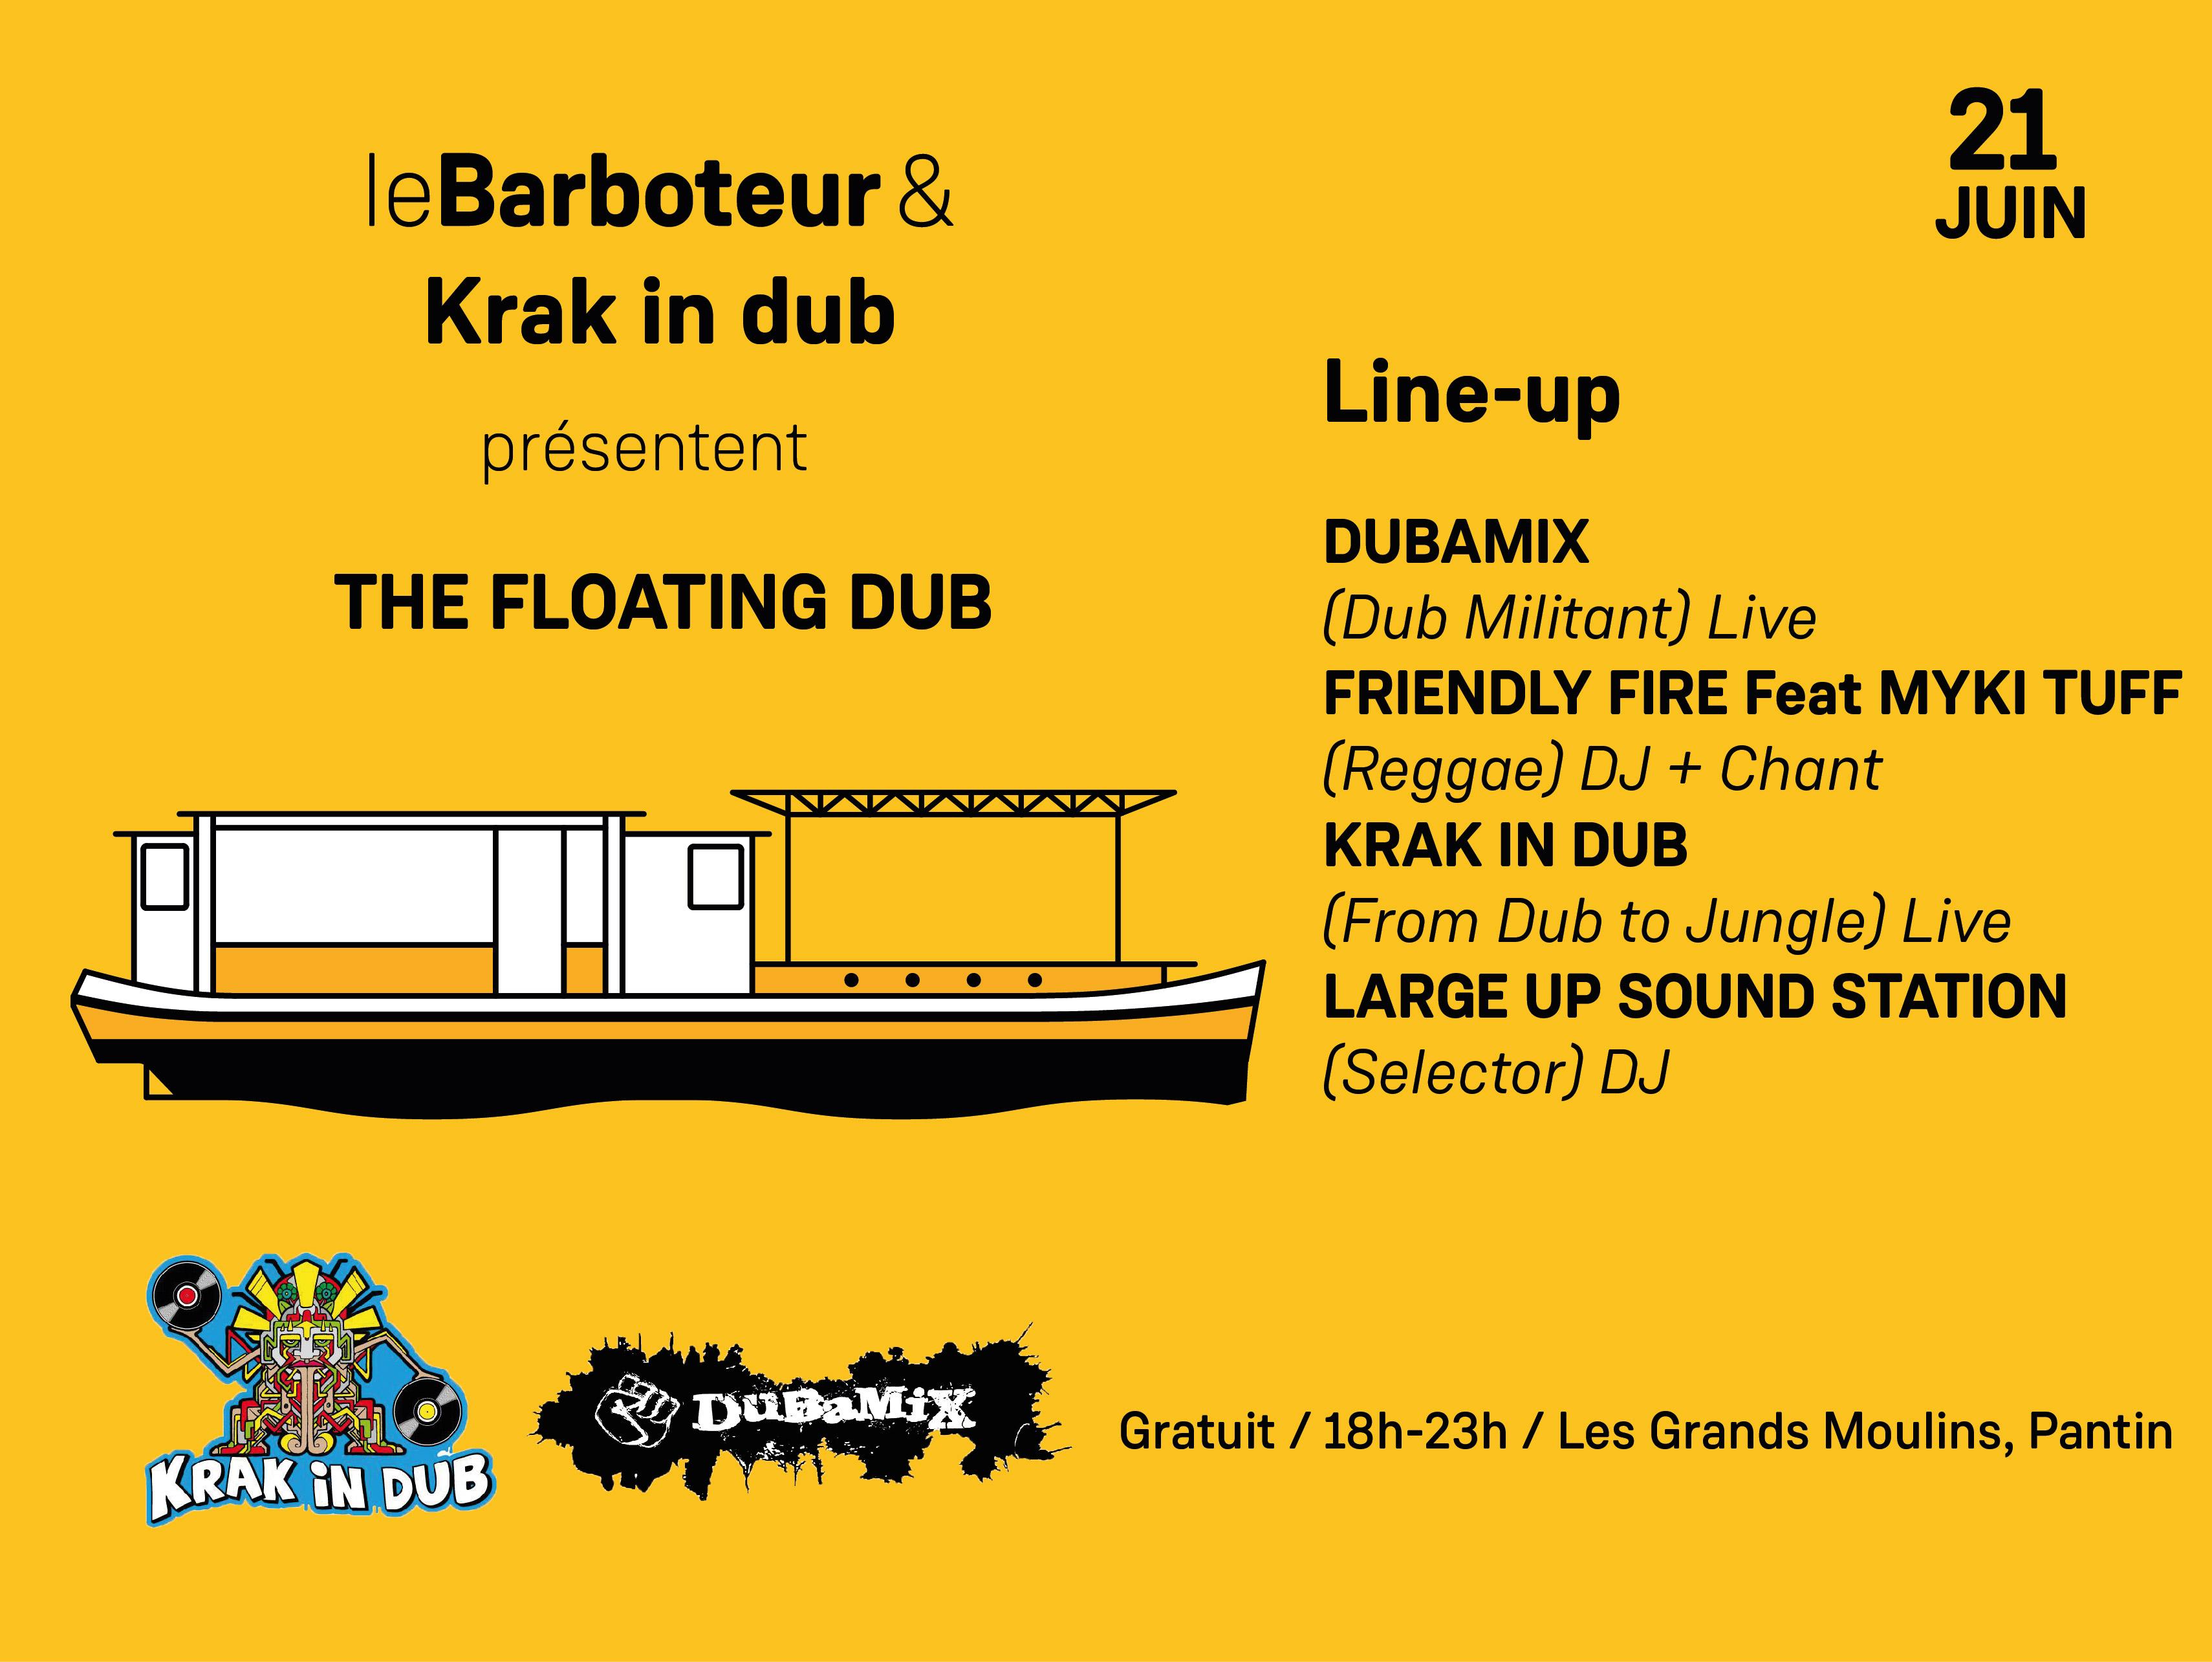 Fête de la musique - The Floating Dub